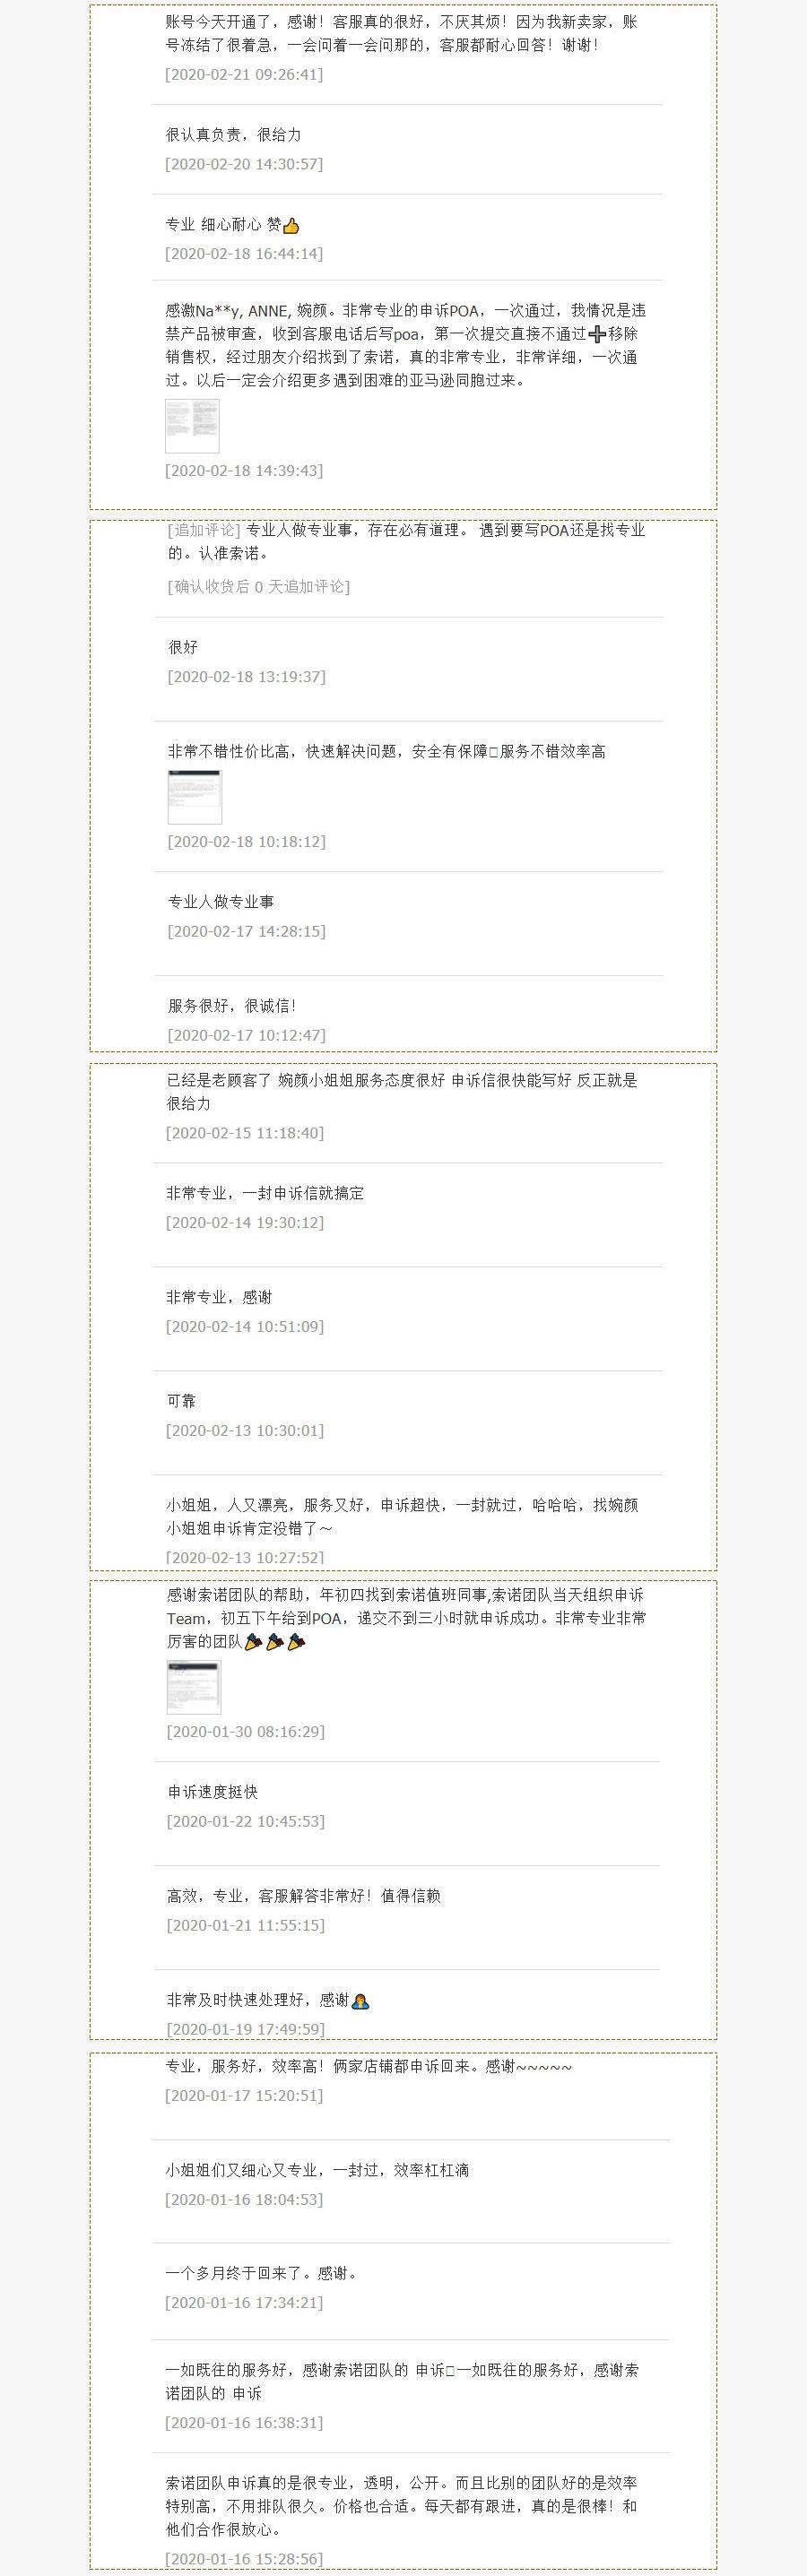 知无不言--成功案例_04(1).jpg